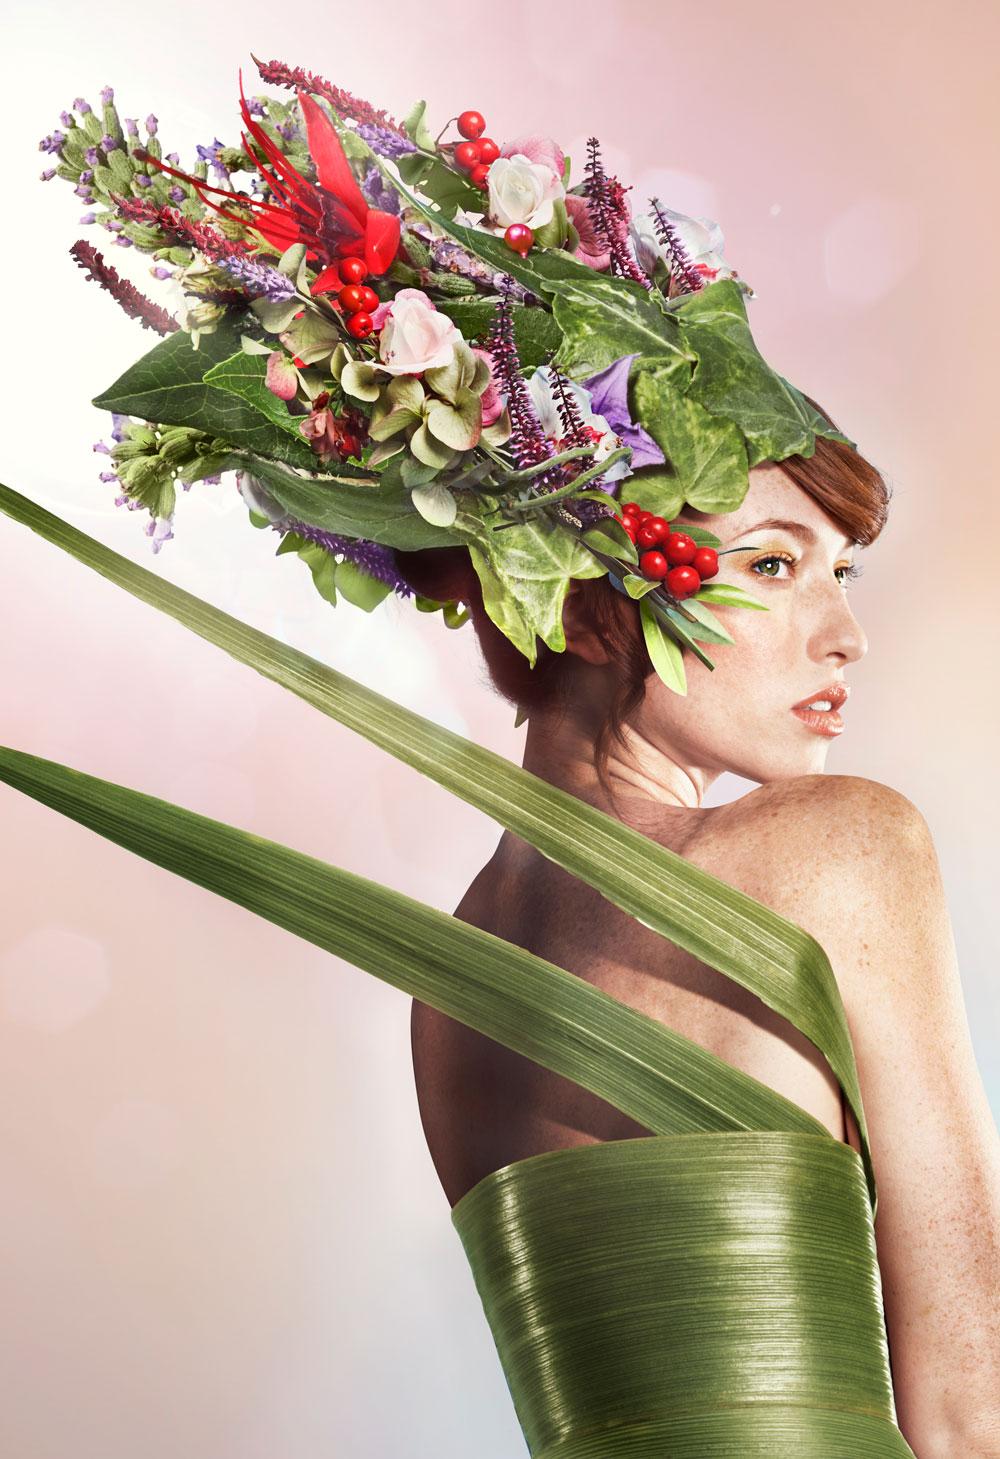 Kat in floral hat